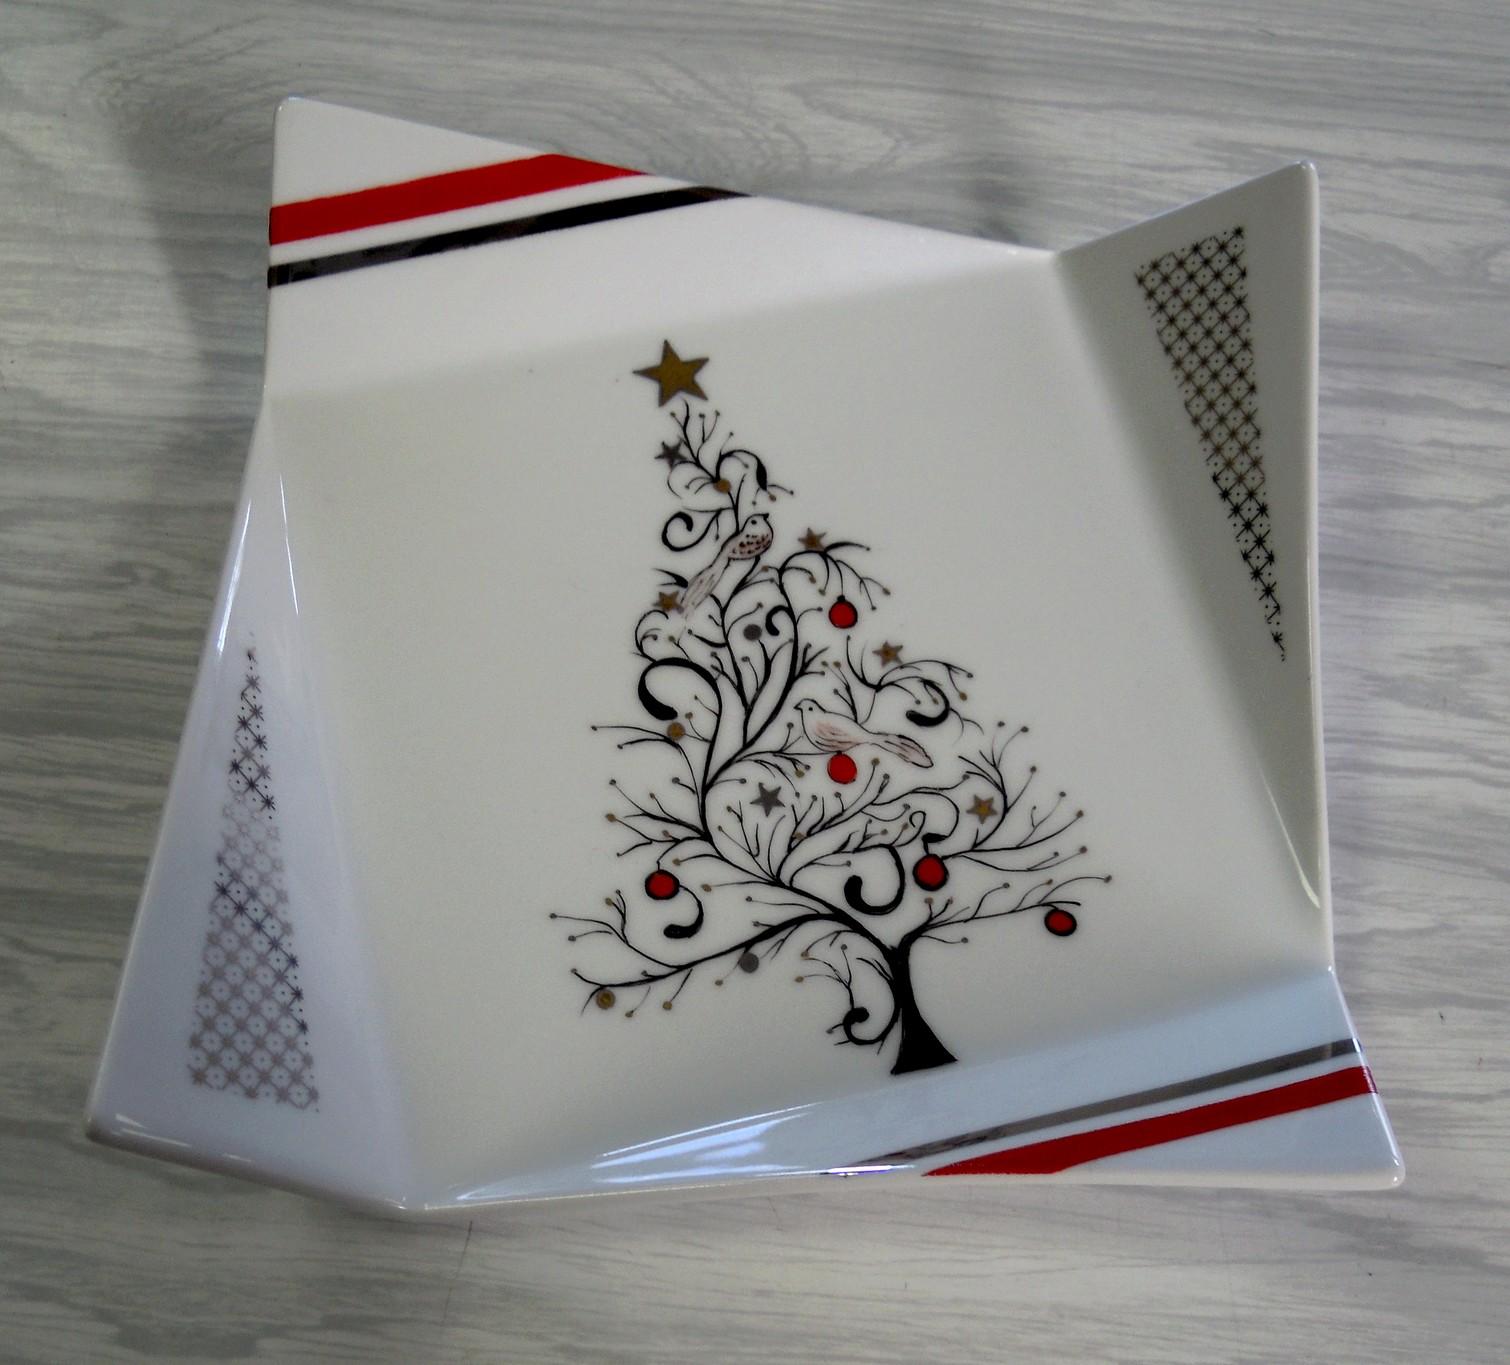 plus de 1000 id es propos de peinture porcelaine sur pinterest porcelaine peinture et mary. Black Bedroom Furniture Sets. Home Design Ideas